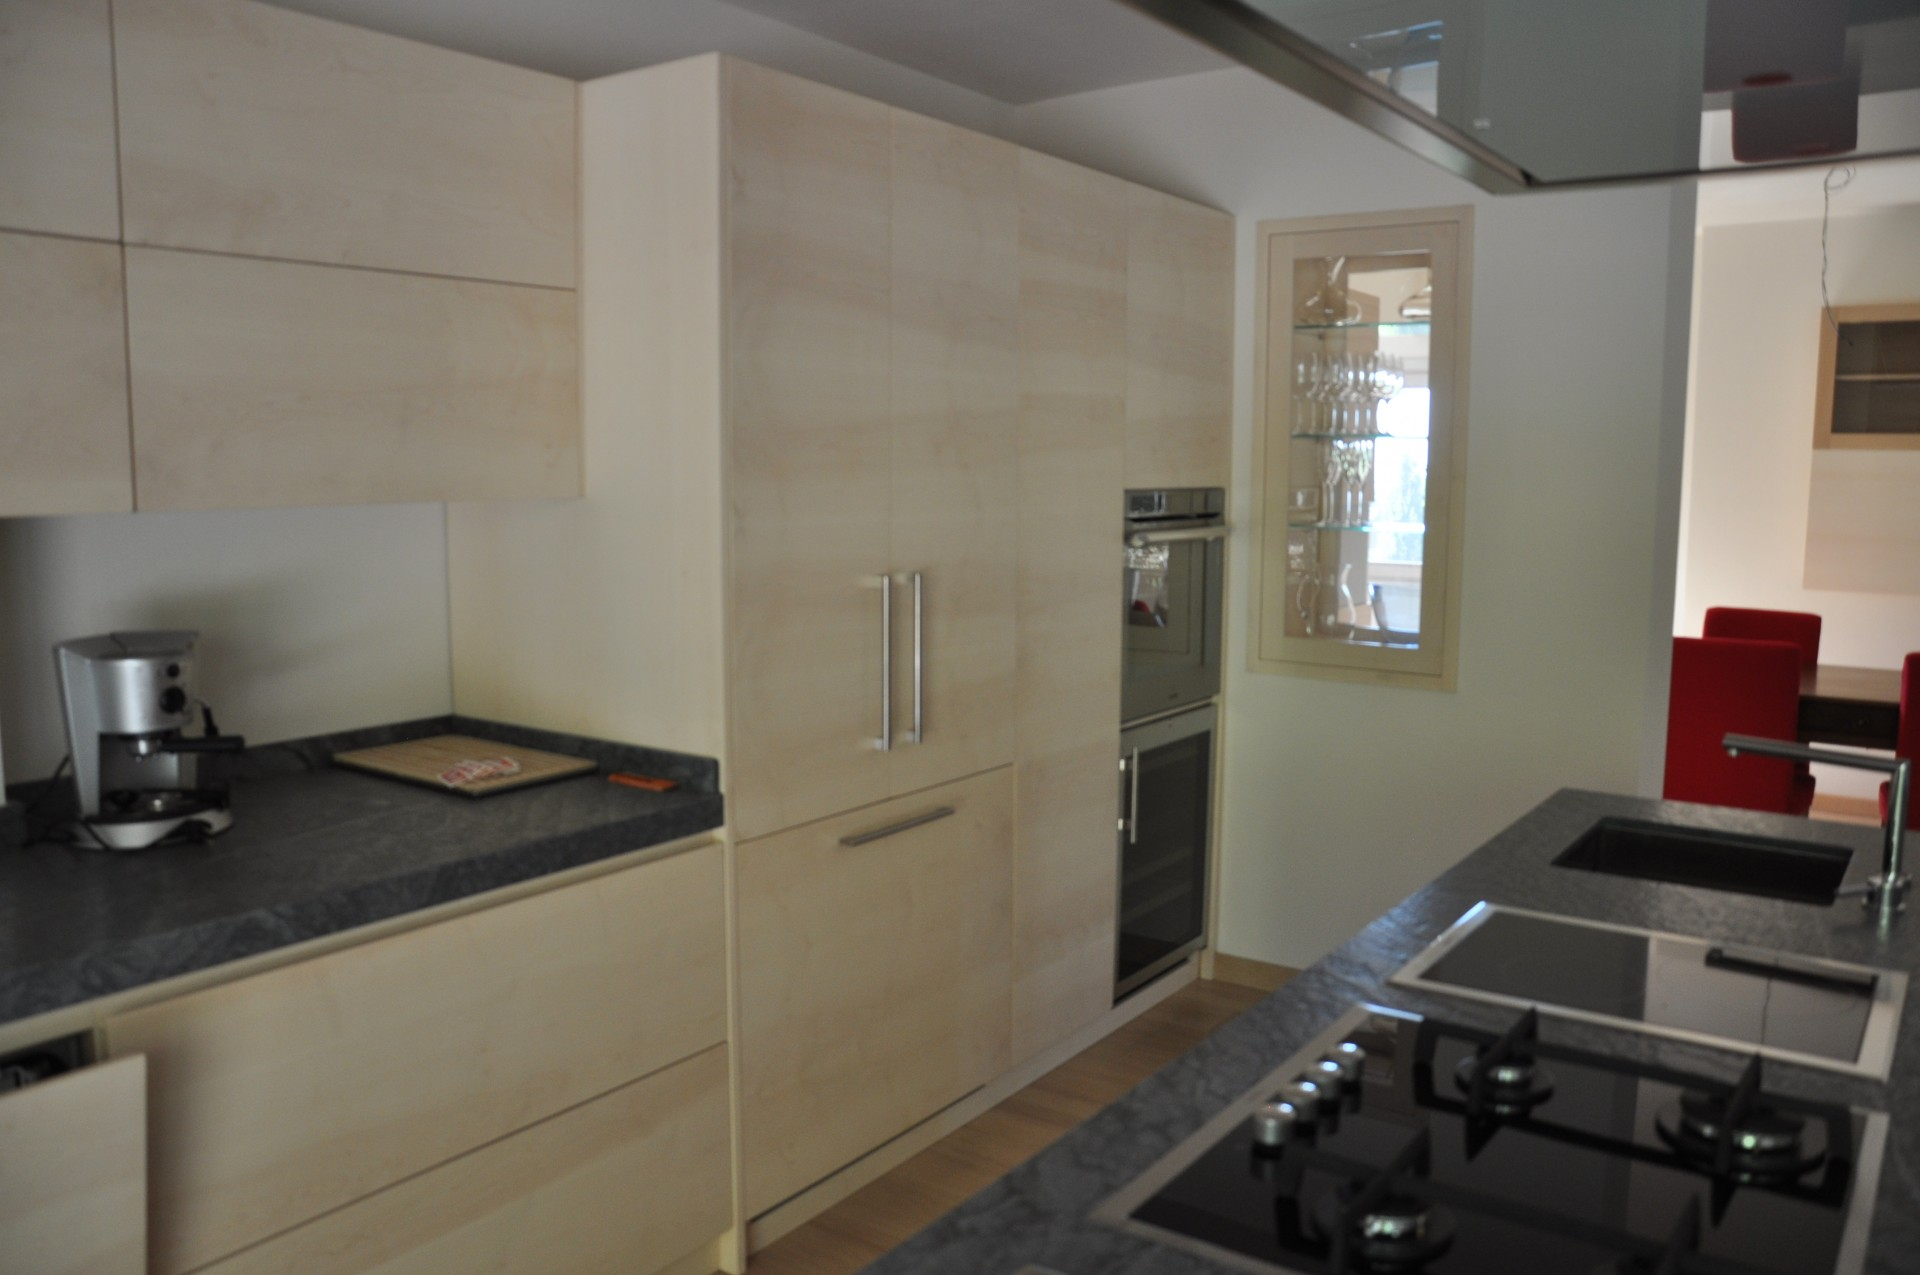 Cucine moderne fadini mobili cerea verona - Pavimenti cucine moderne ...